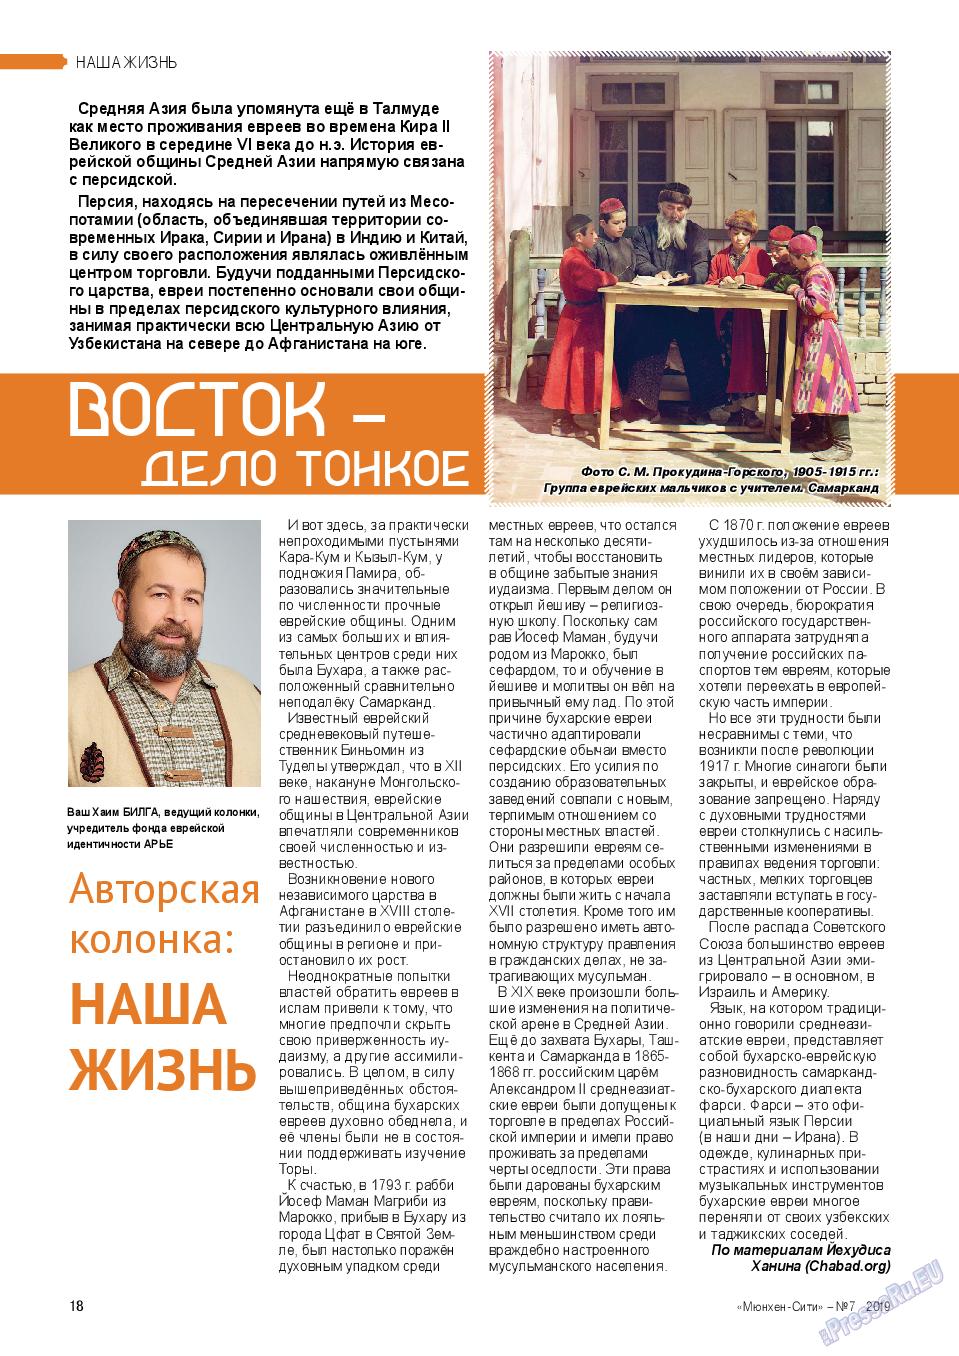 Мюнхен-сити (журнал). 2019 год, номер 95, стр. 18